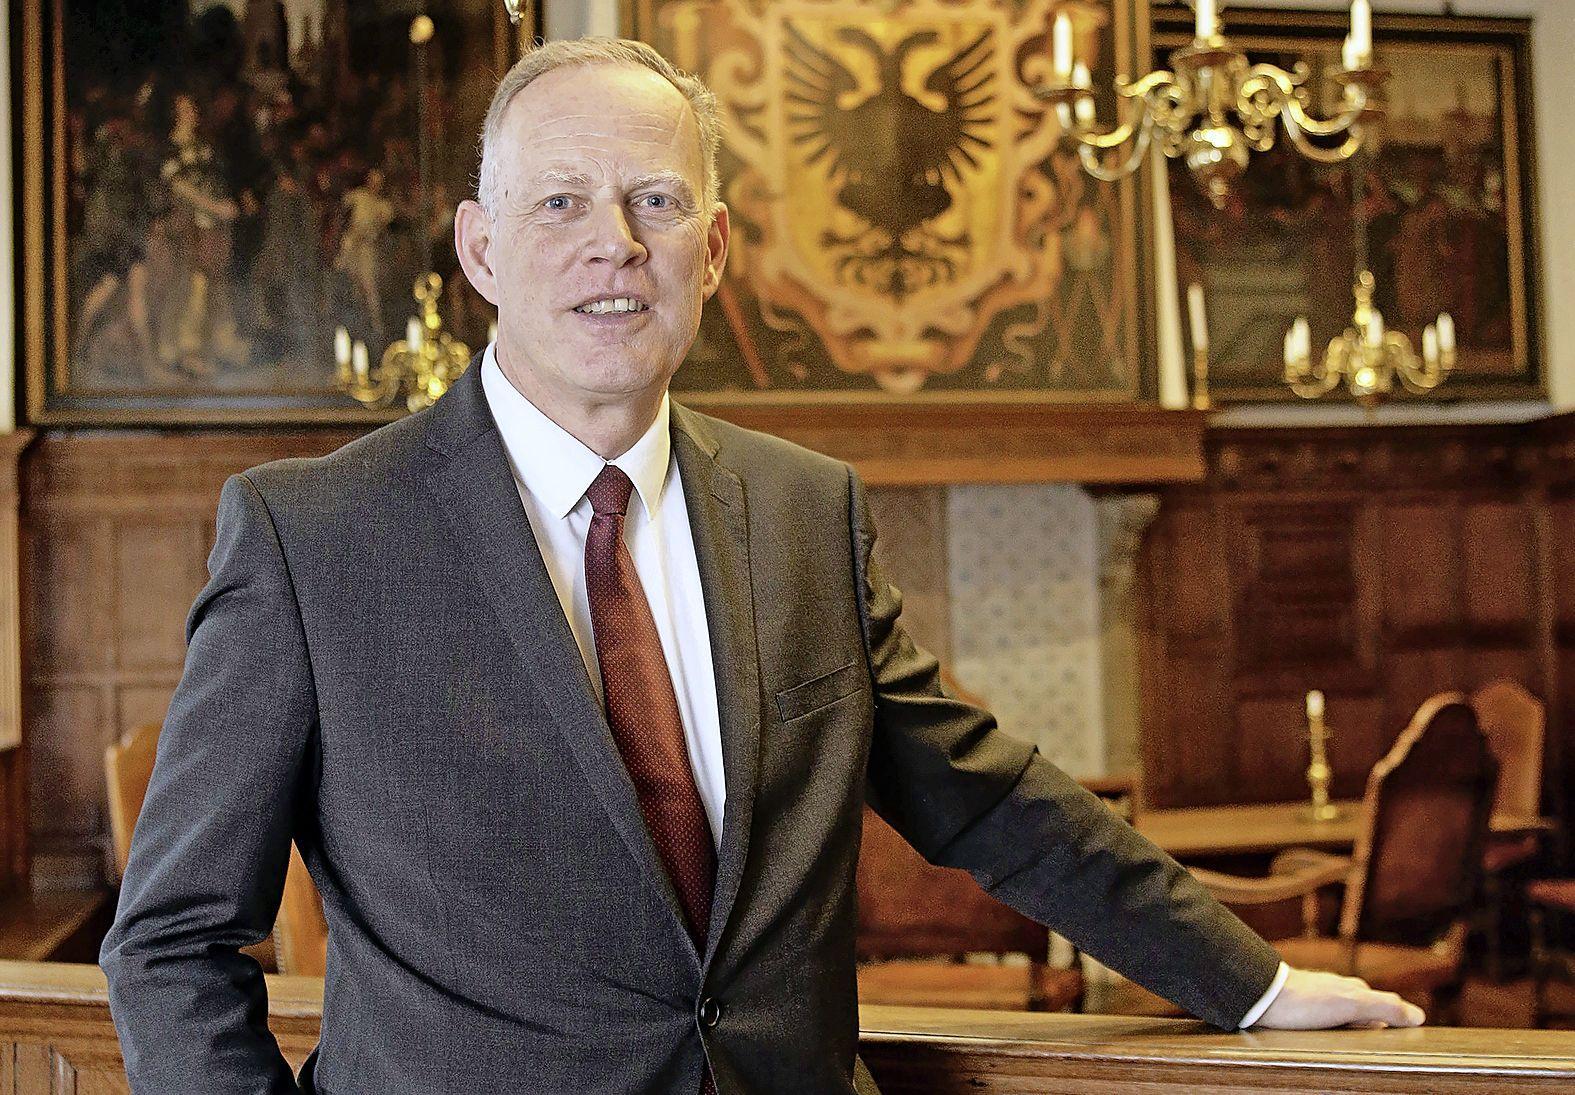 Burgemeester Gooise Meren overweegt extra veiligheidsmaatregelen bij door drugsdealers geteisterde volkstuinders in Naarden